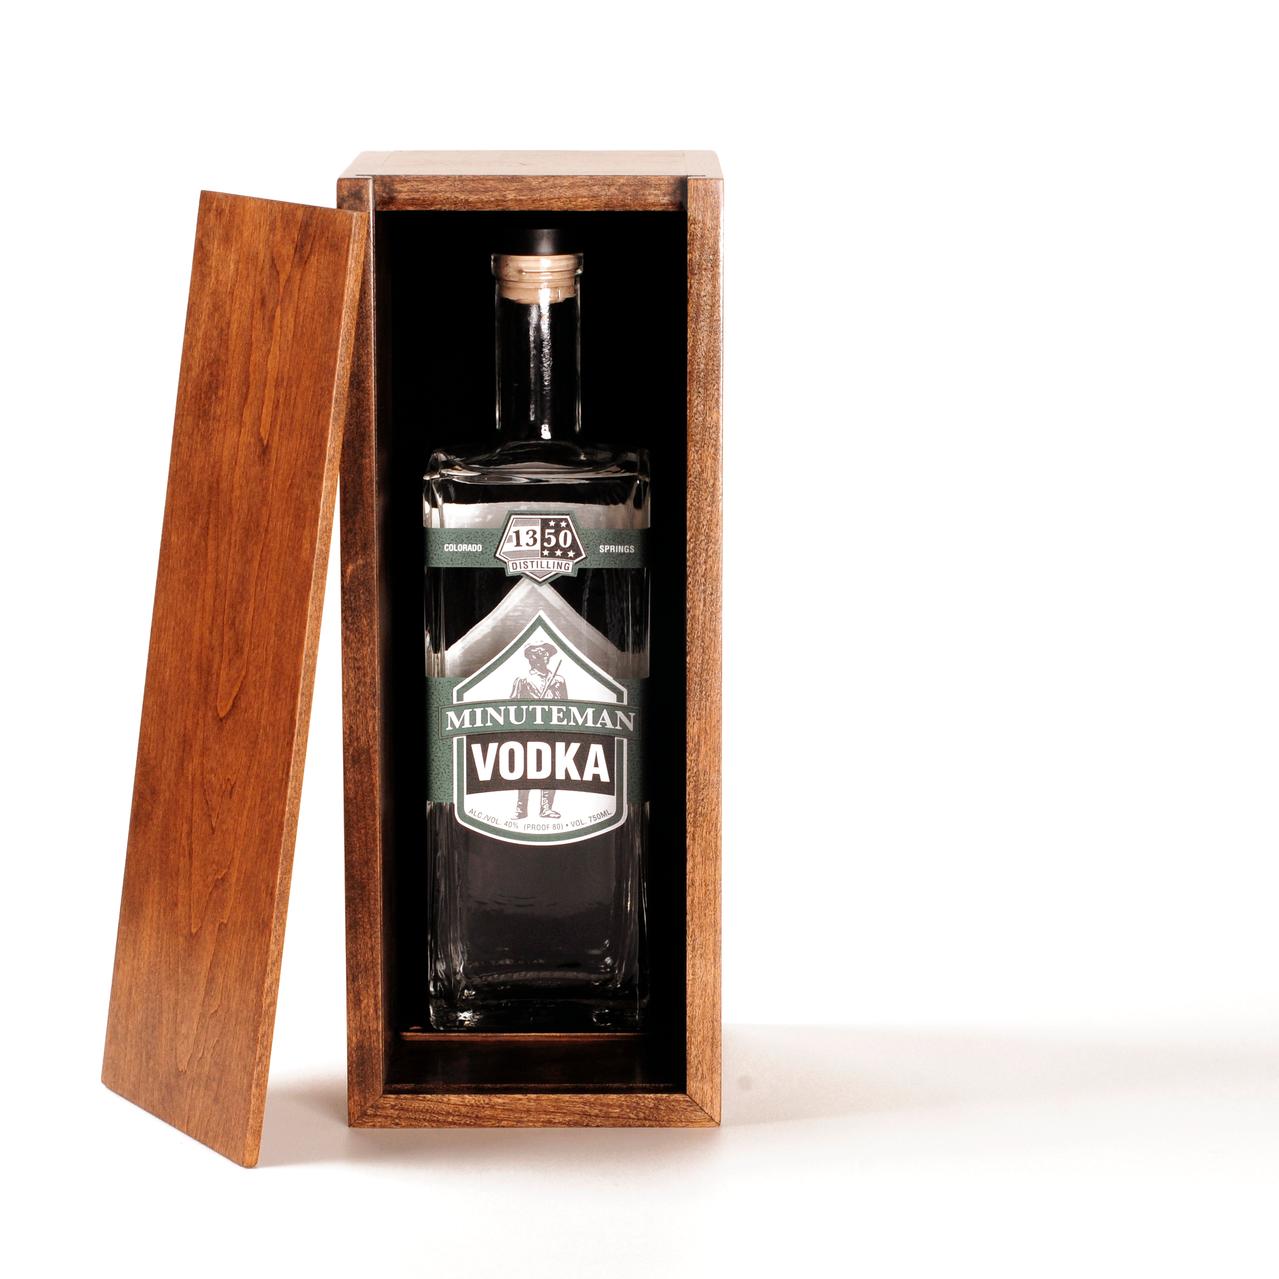 Minuteman Vodka Stars Collection